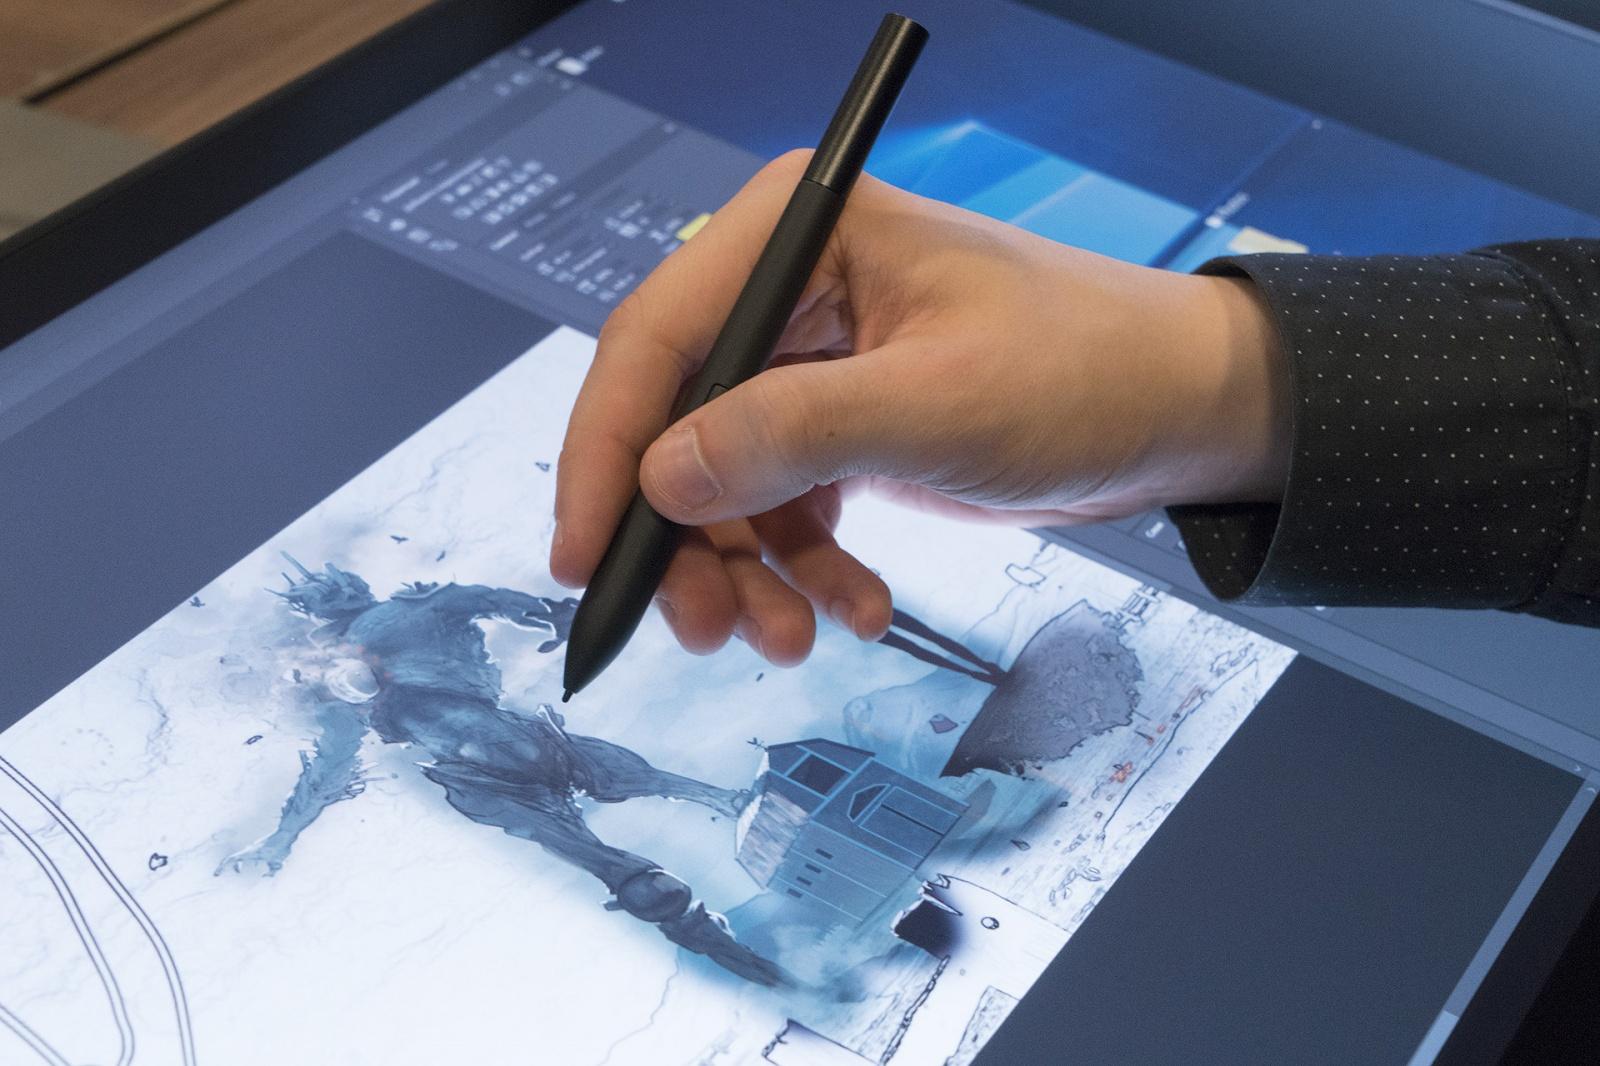 Dell Canvas: интерактивная панель для профессиональной работы с графикой - 9